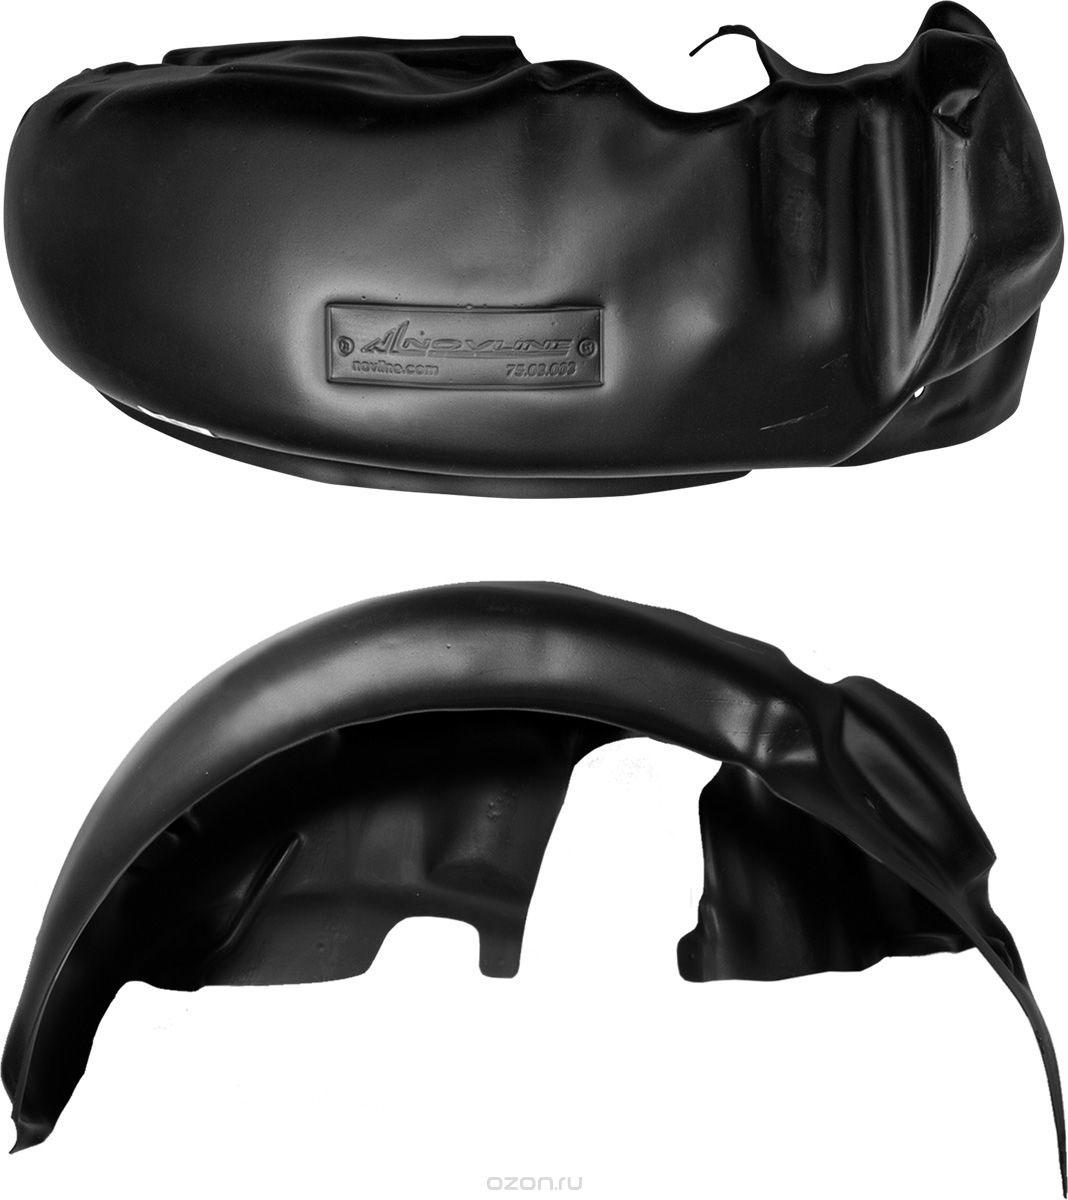 Подкрылок Novline-Autofamily, для Haima 7, 2013->, задний правыйNLL.83.02.004Идеальная защита колесной ниши. Локеры разработаны с применением цифровых технологий, гарантируют максимальную повторяемость поверхности арки. Изделия устанавливаются без нарушения лакокрасочного покрытия автомобиля, каждый подкрылок комплектуется крепежом. Уважаемые клиенты, обращаем ваше внимание, что фотографии на подкрылки универсальные и не отражают реальную форму изделия. При этом само изделие идет точно под размер указанного автомобиля.